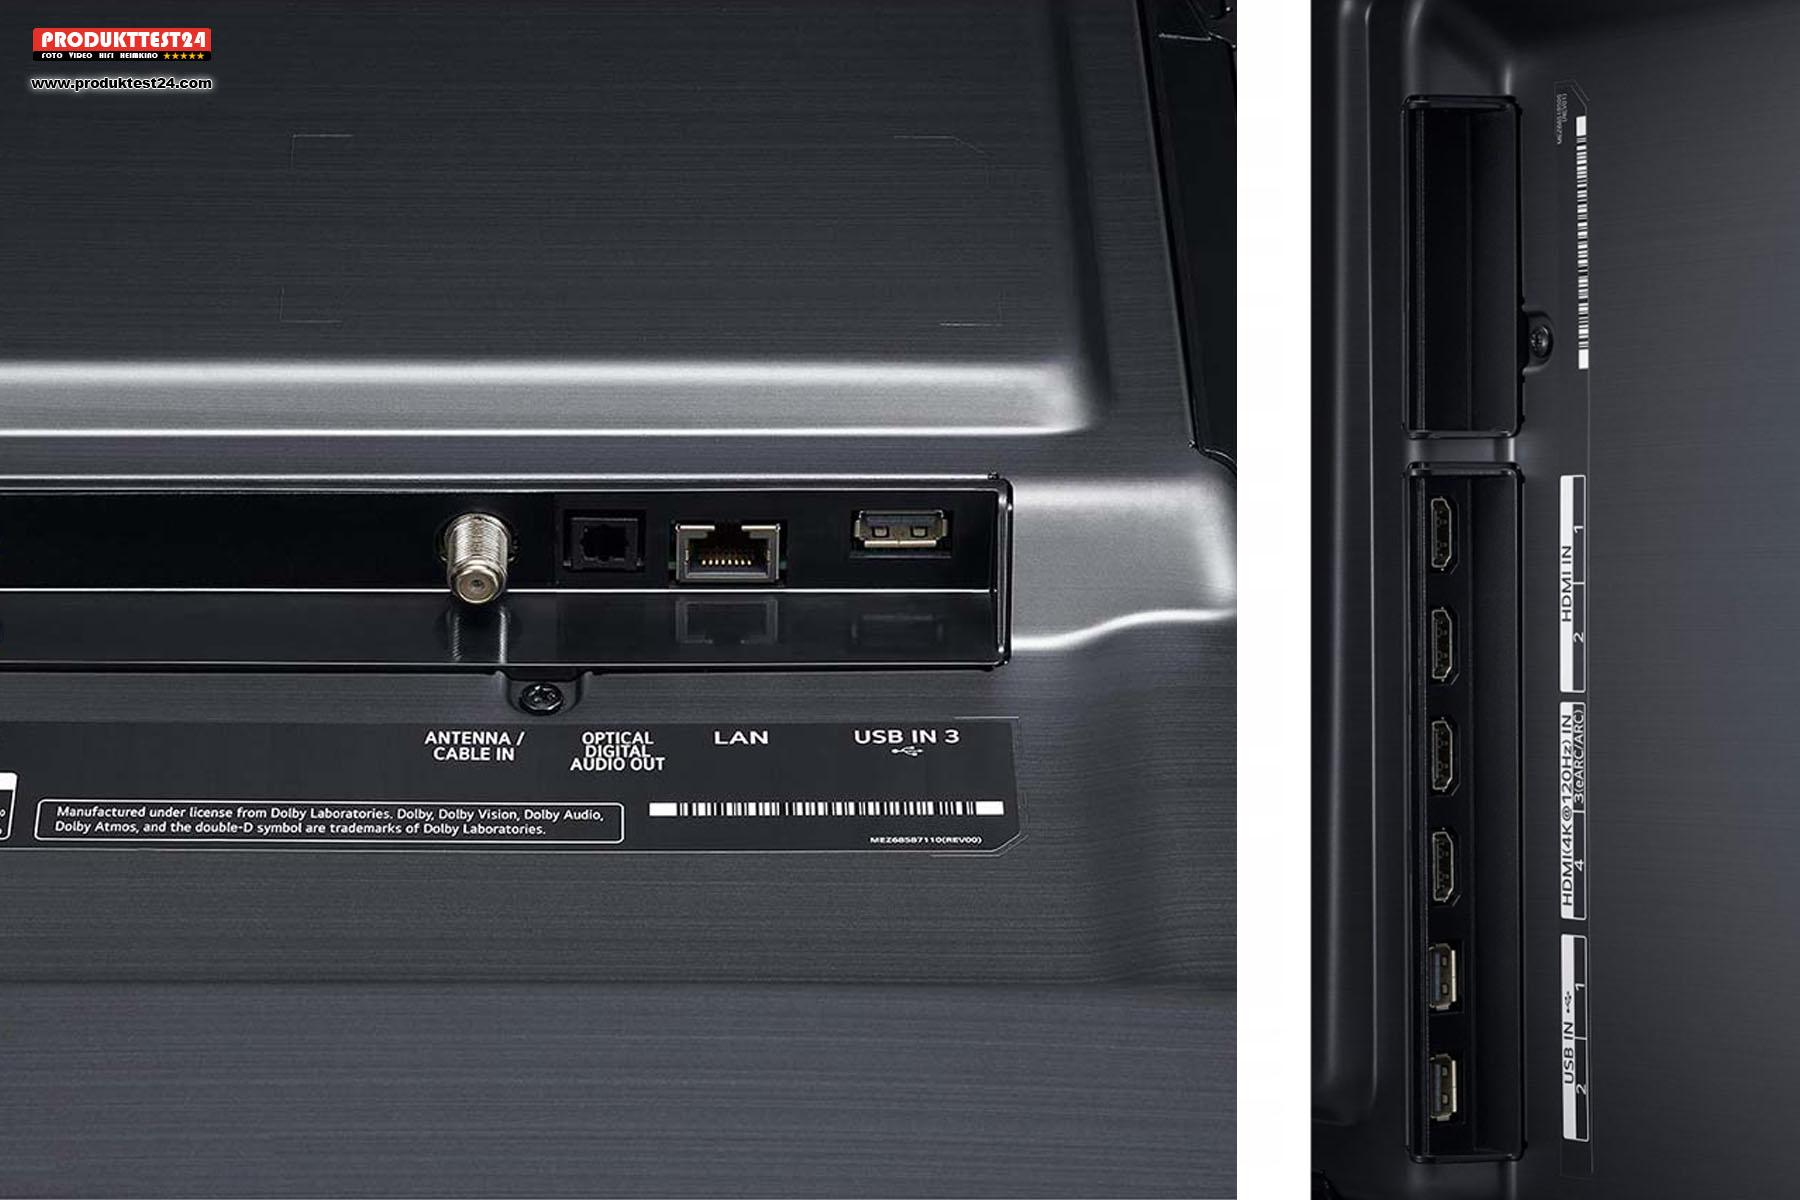 Anschlüsse des 86NANO906NA: 2x HDMI 2.1 - 2x HDMI 2.0 - 3x USB - 1x Optisch TOSLINK - 1x LAN - 1x Kopfhörer 3,5mm Klinke - 1x Antenne